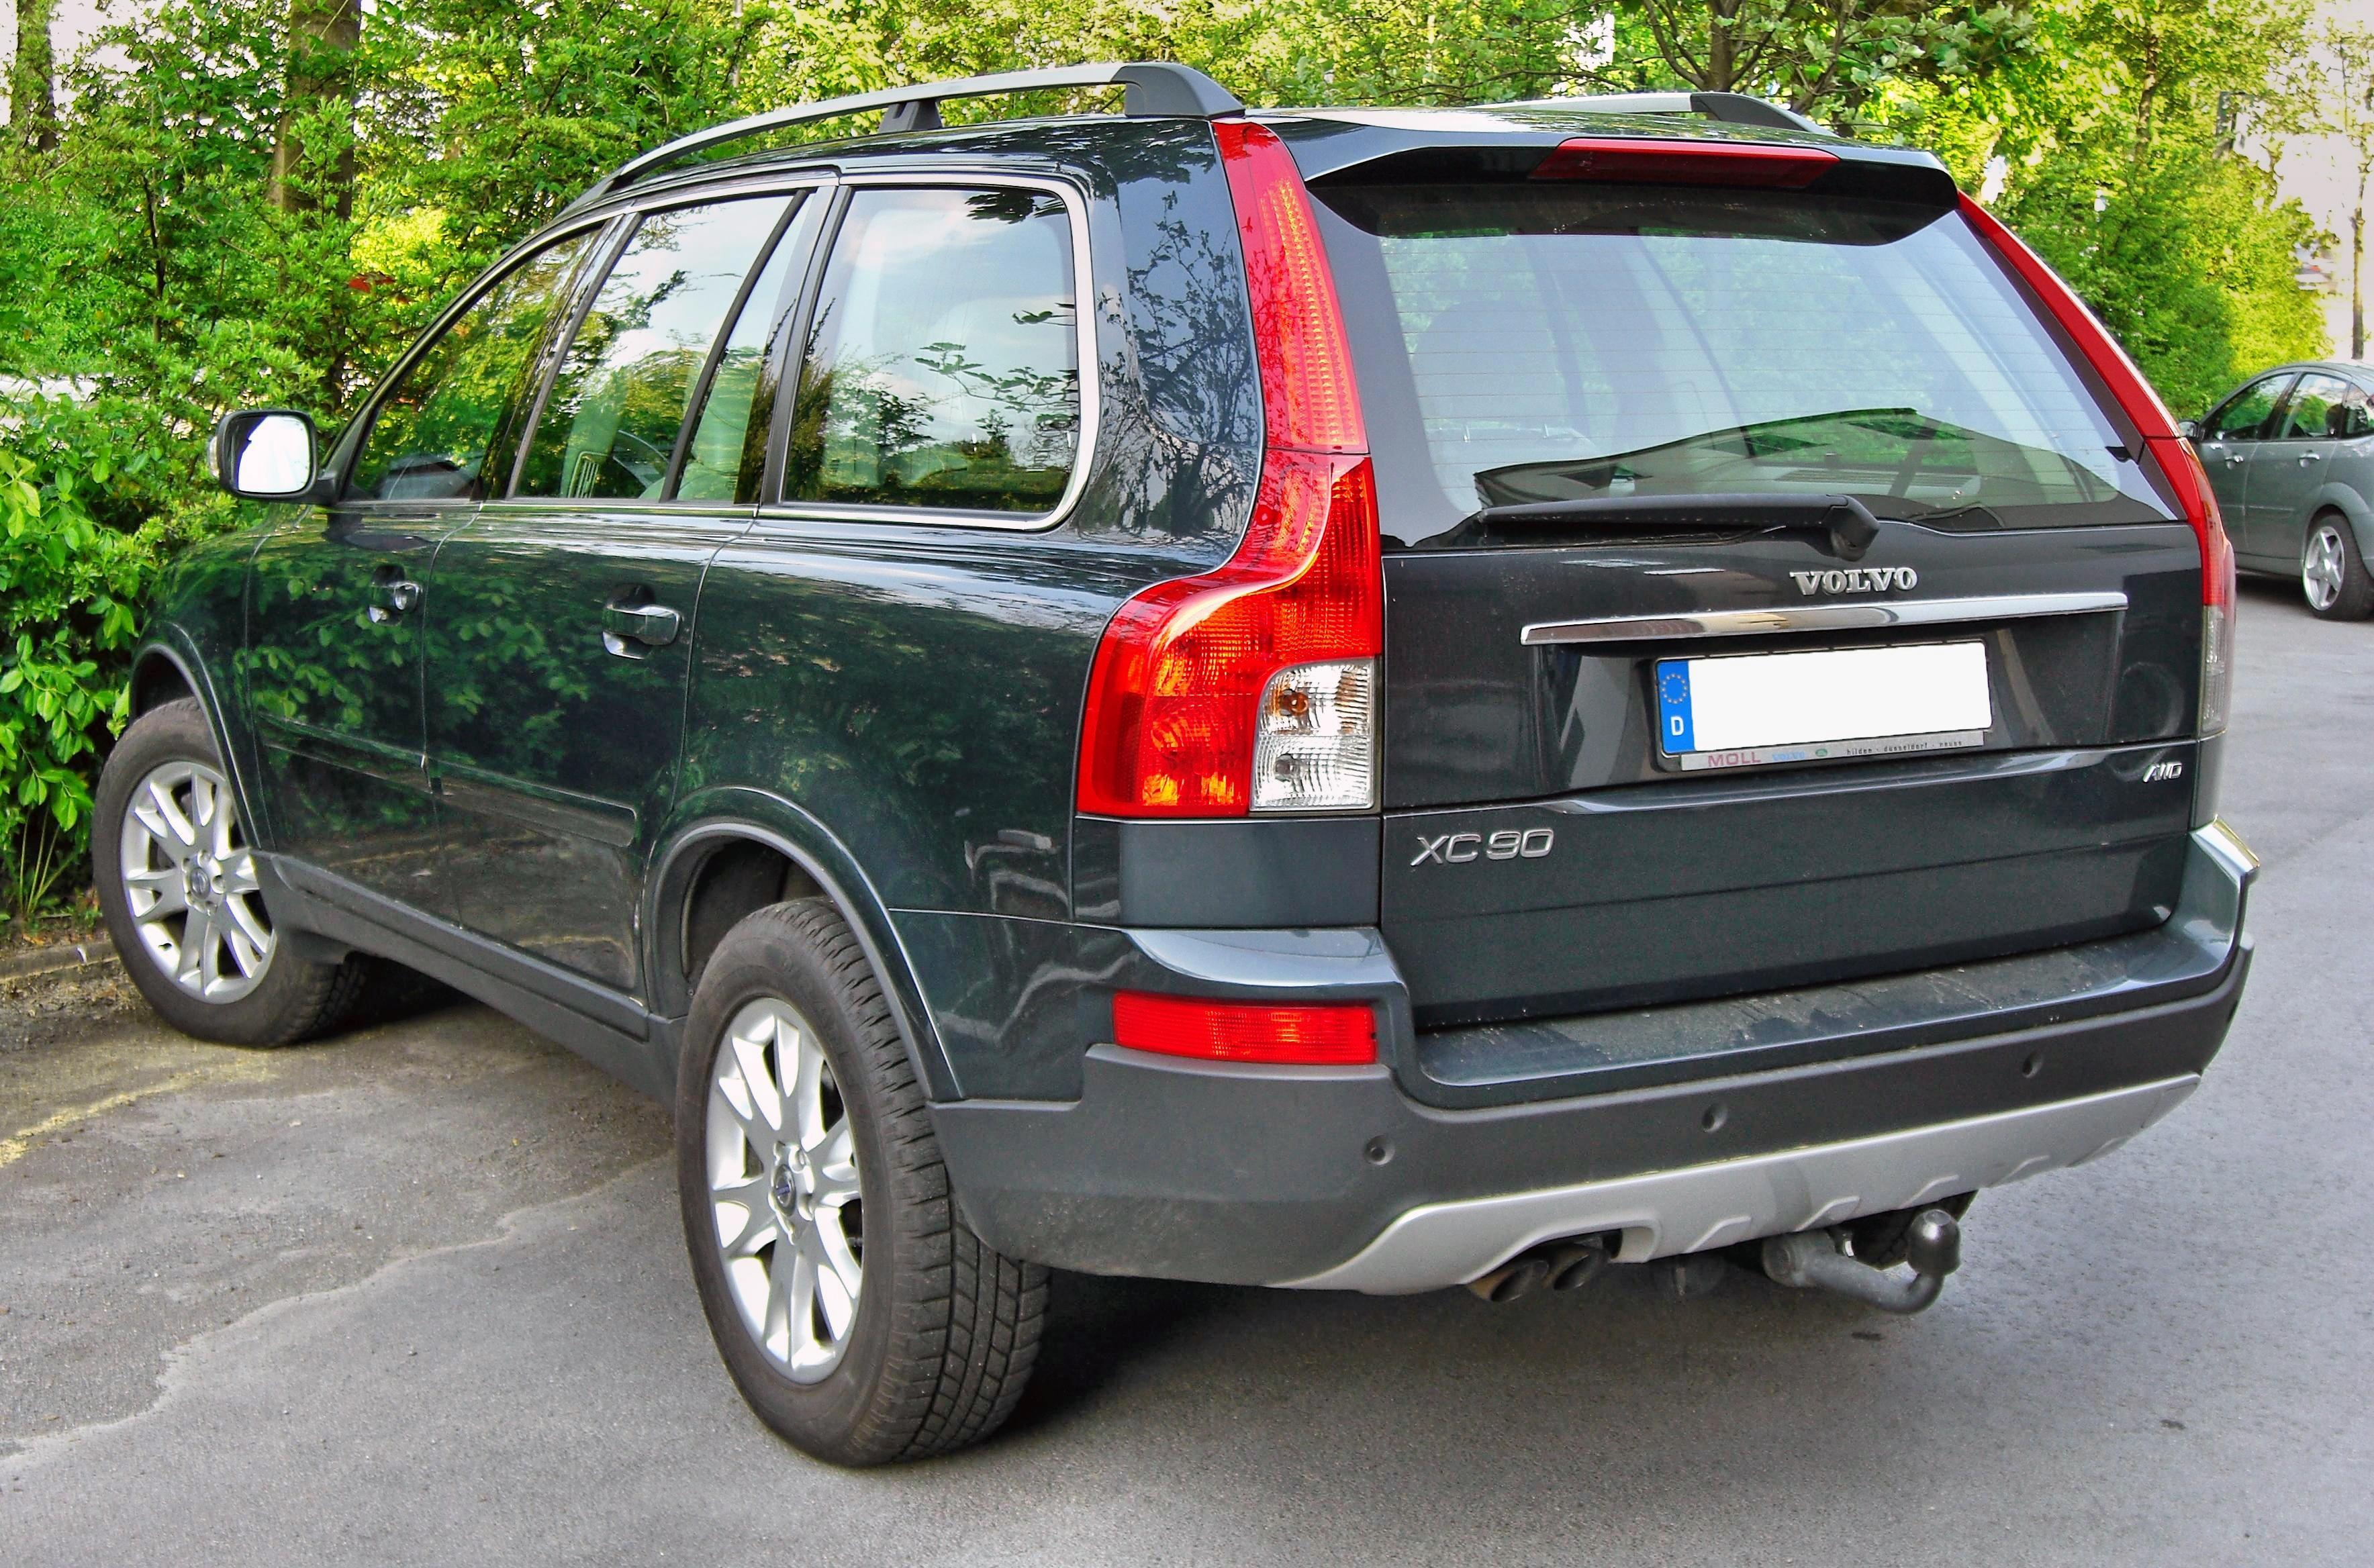 [Imagen: Volvo_XC90_Facelift_20090426_rear.JPG]